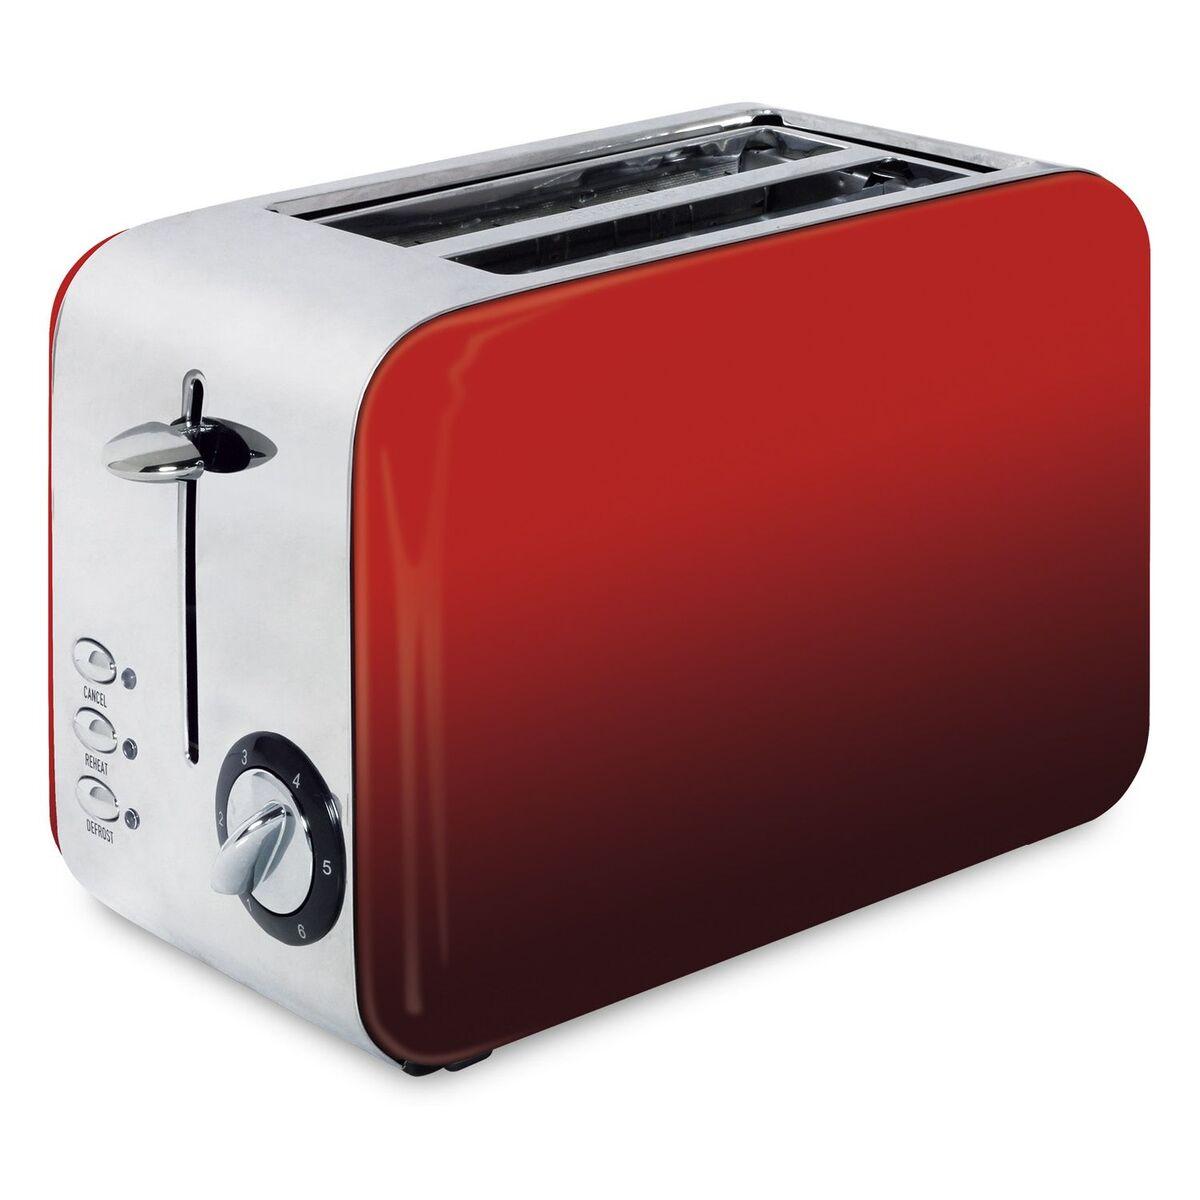 Bild 2 von AMBIANO Edelstahl-Toaster